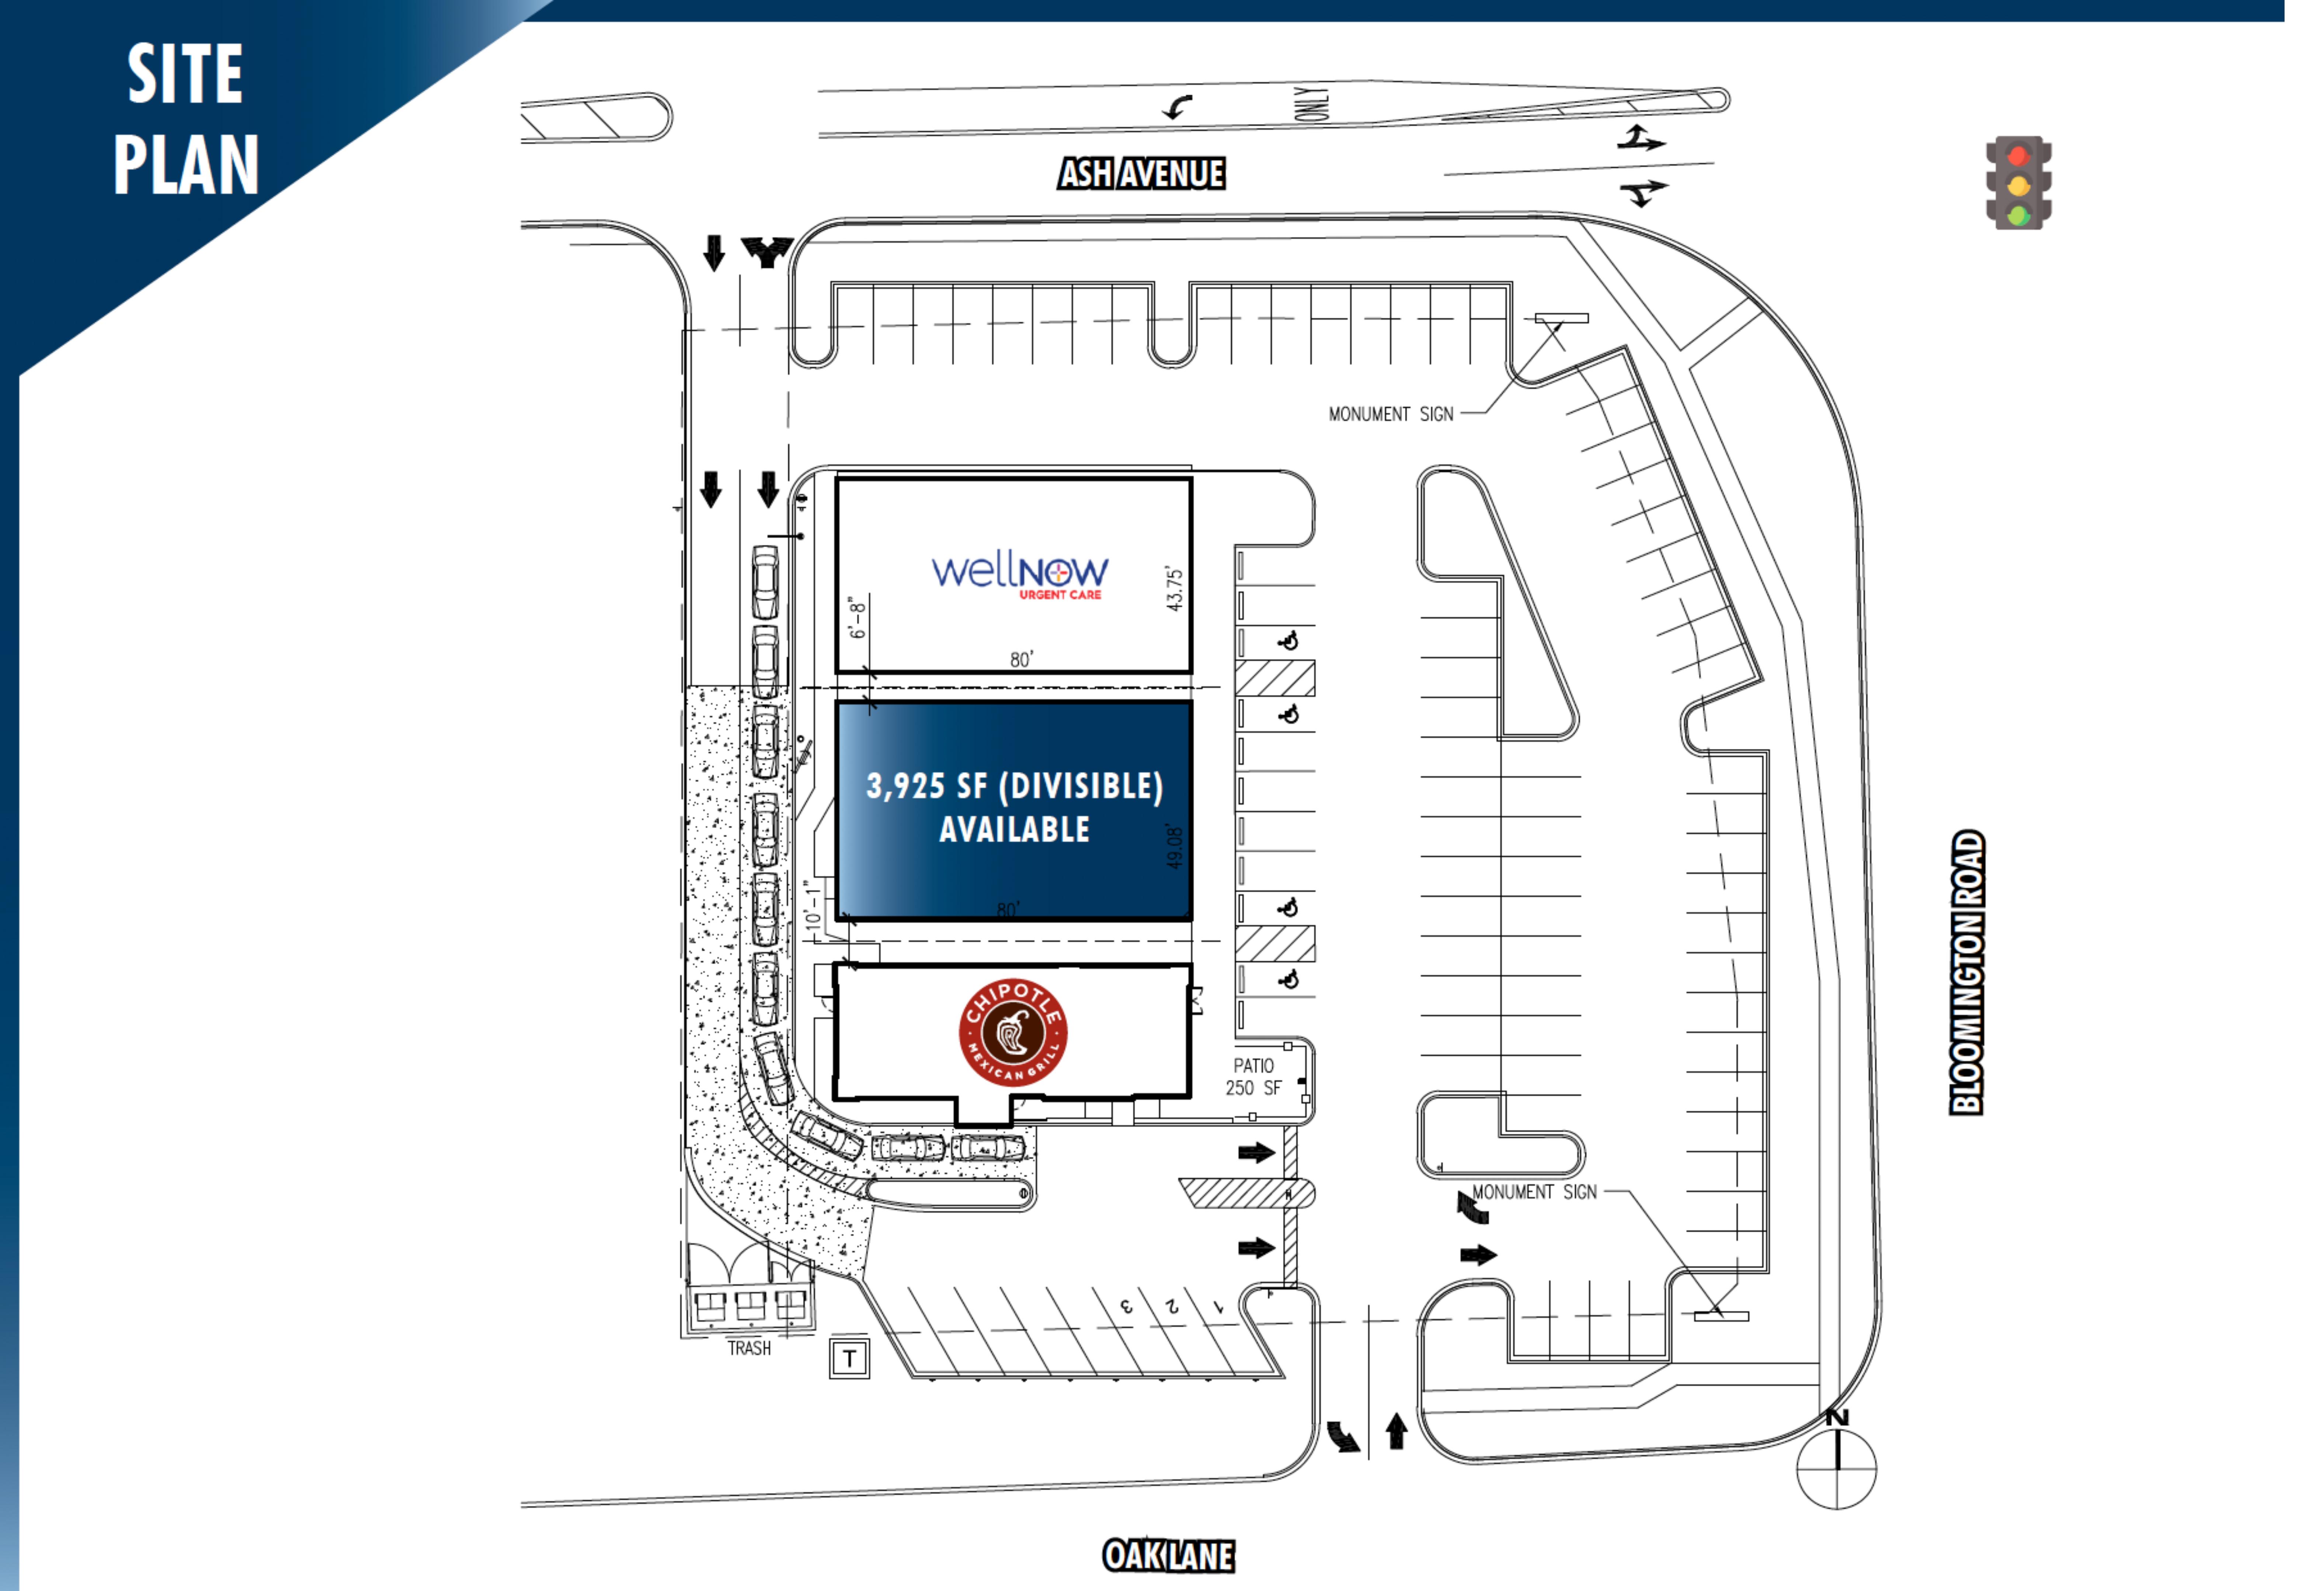 Decatur Marketplace : site plan